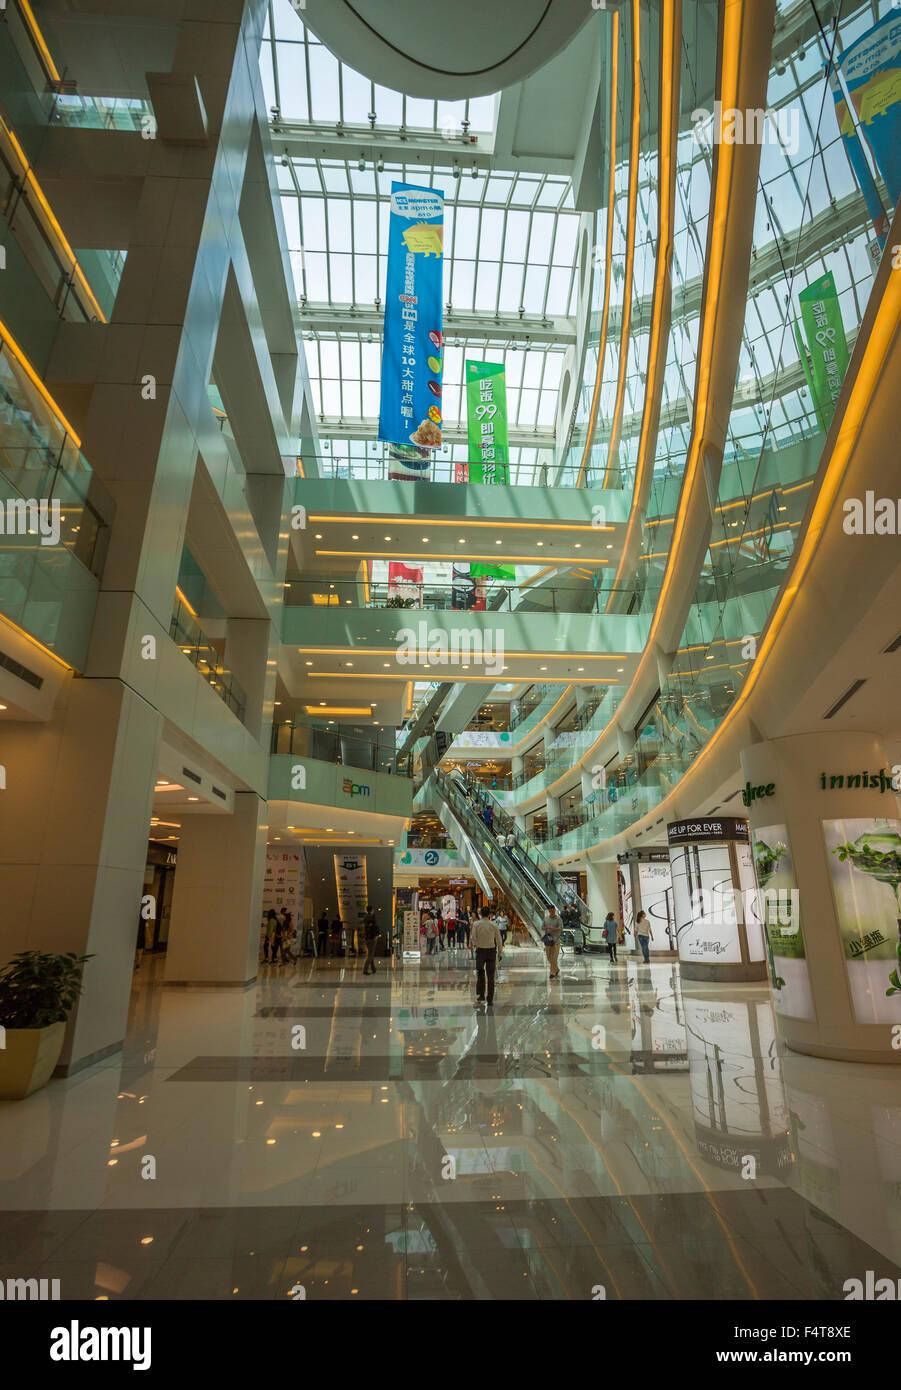 China, Beijing, Peking, City, Wangfujing District, Shopping Center at Wangfujing Avenue - Stock Image